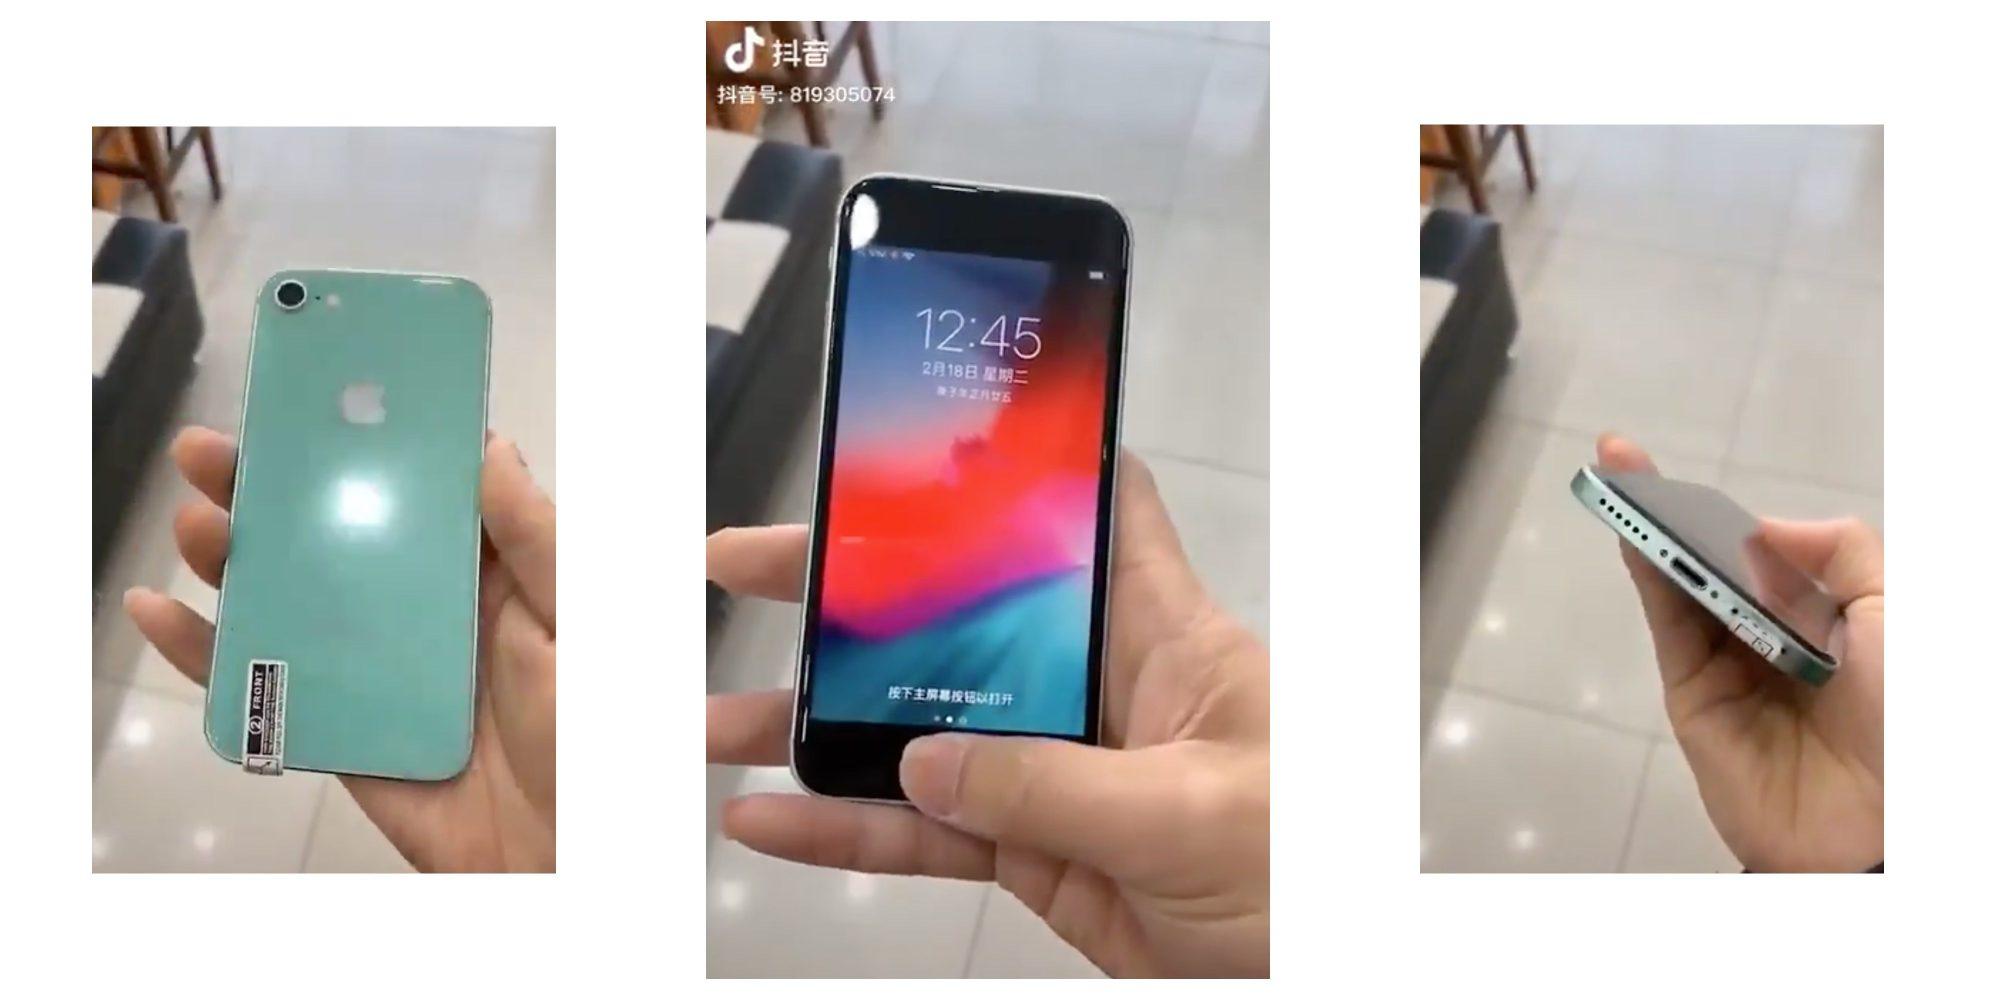 วิดีโอหลุดของ iPhone 9